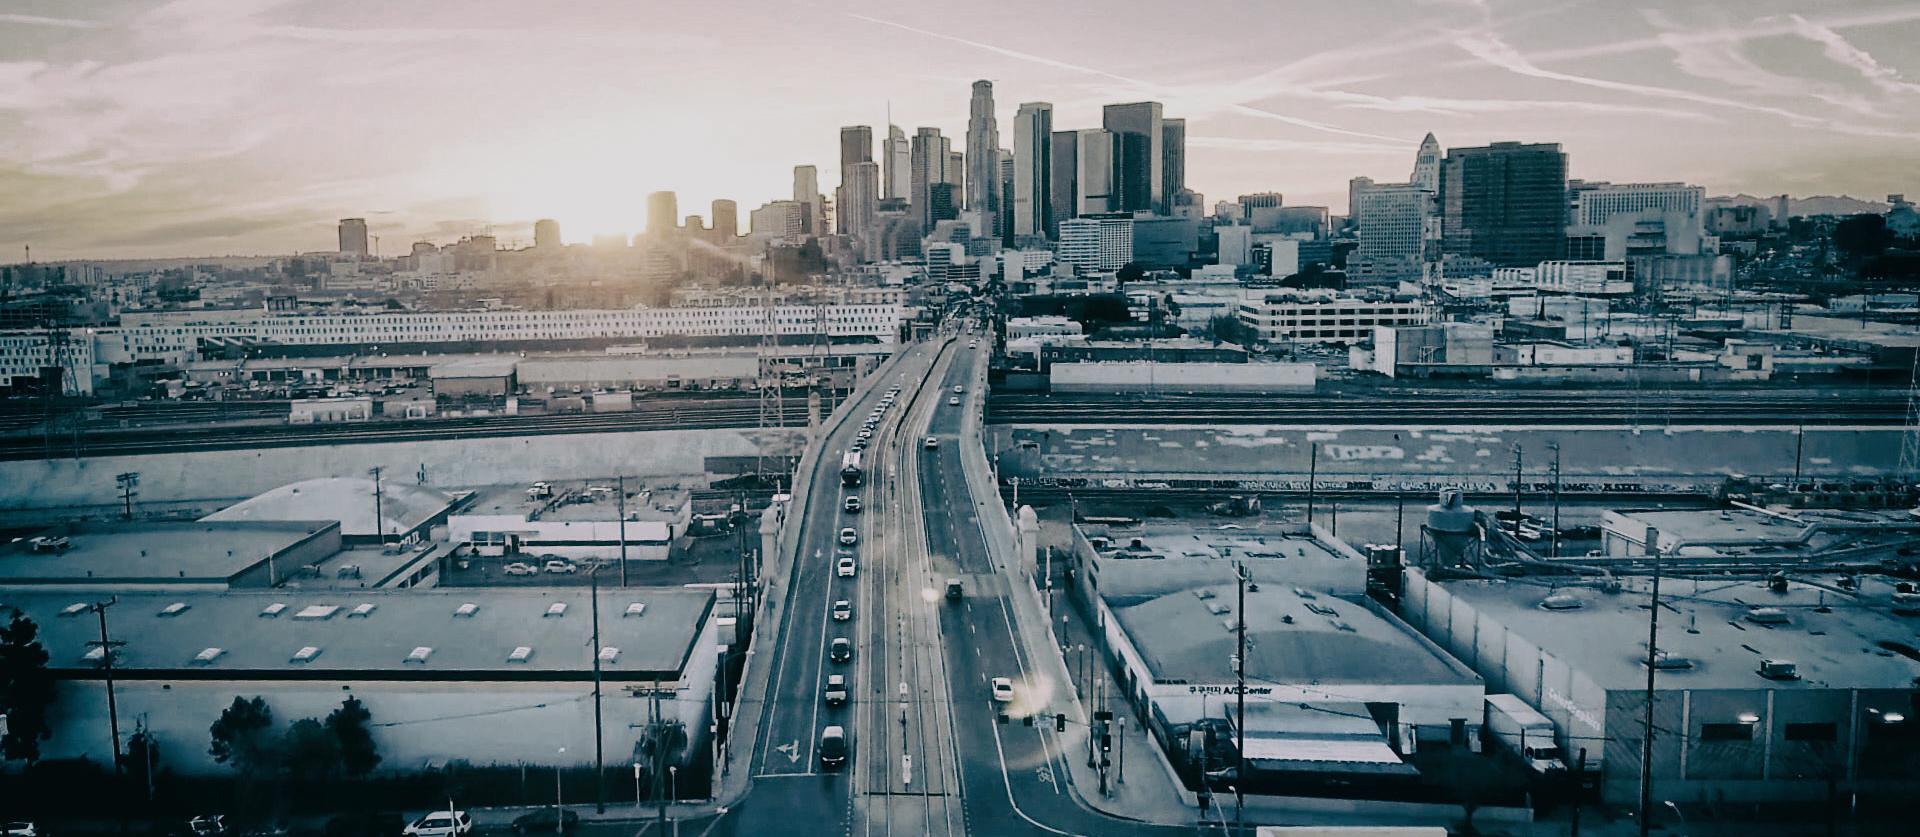 city-rising-banner-image.jpg